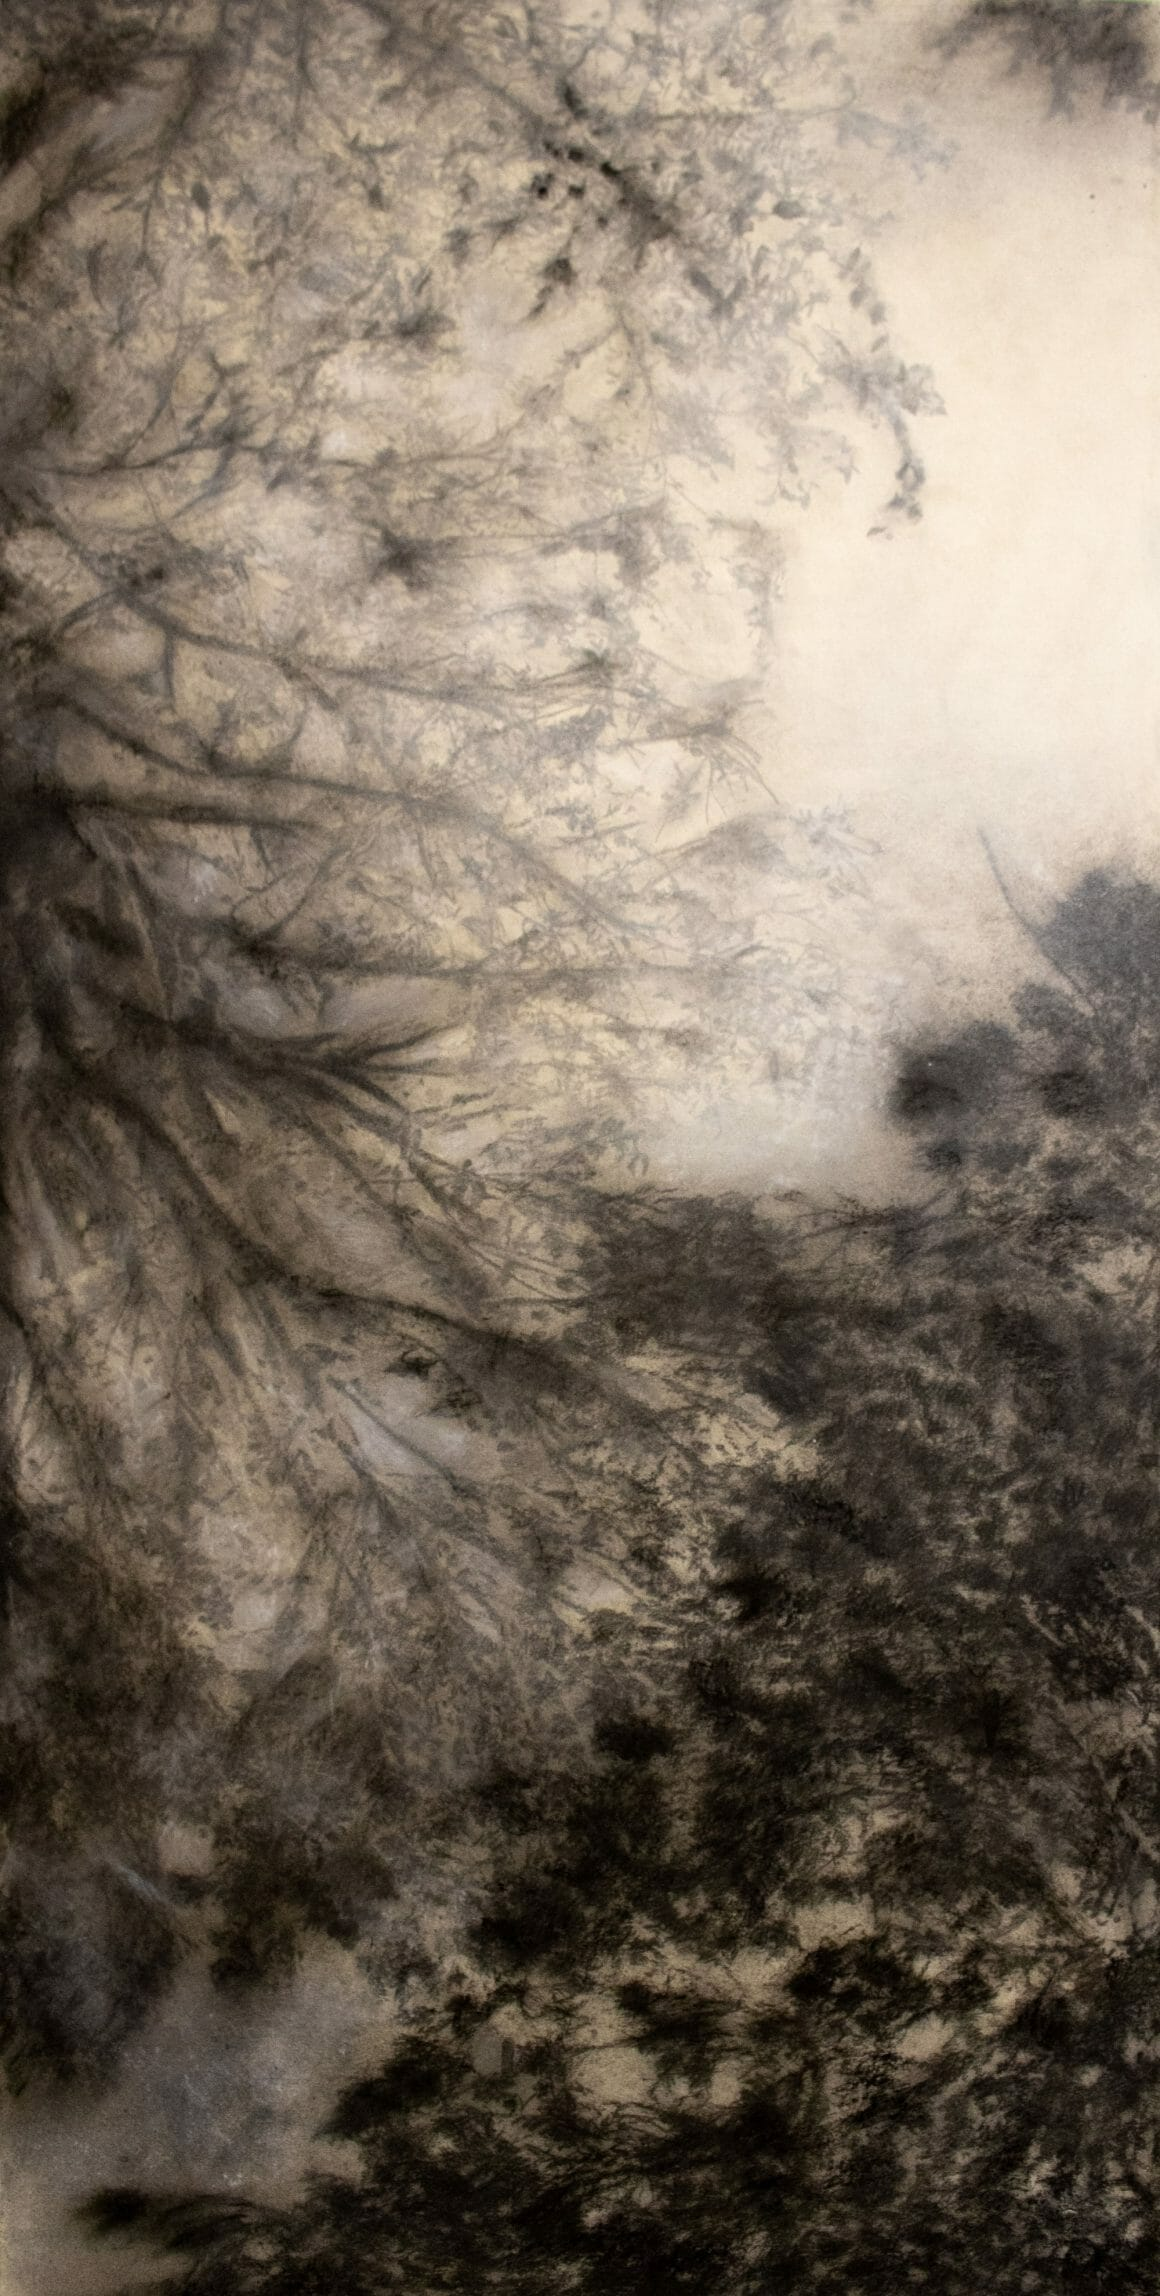 Feuilles d'arbres en noir et blanc